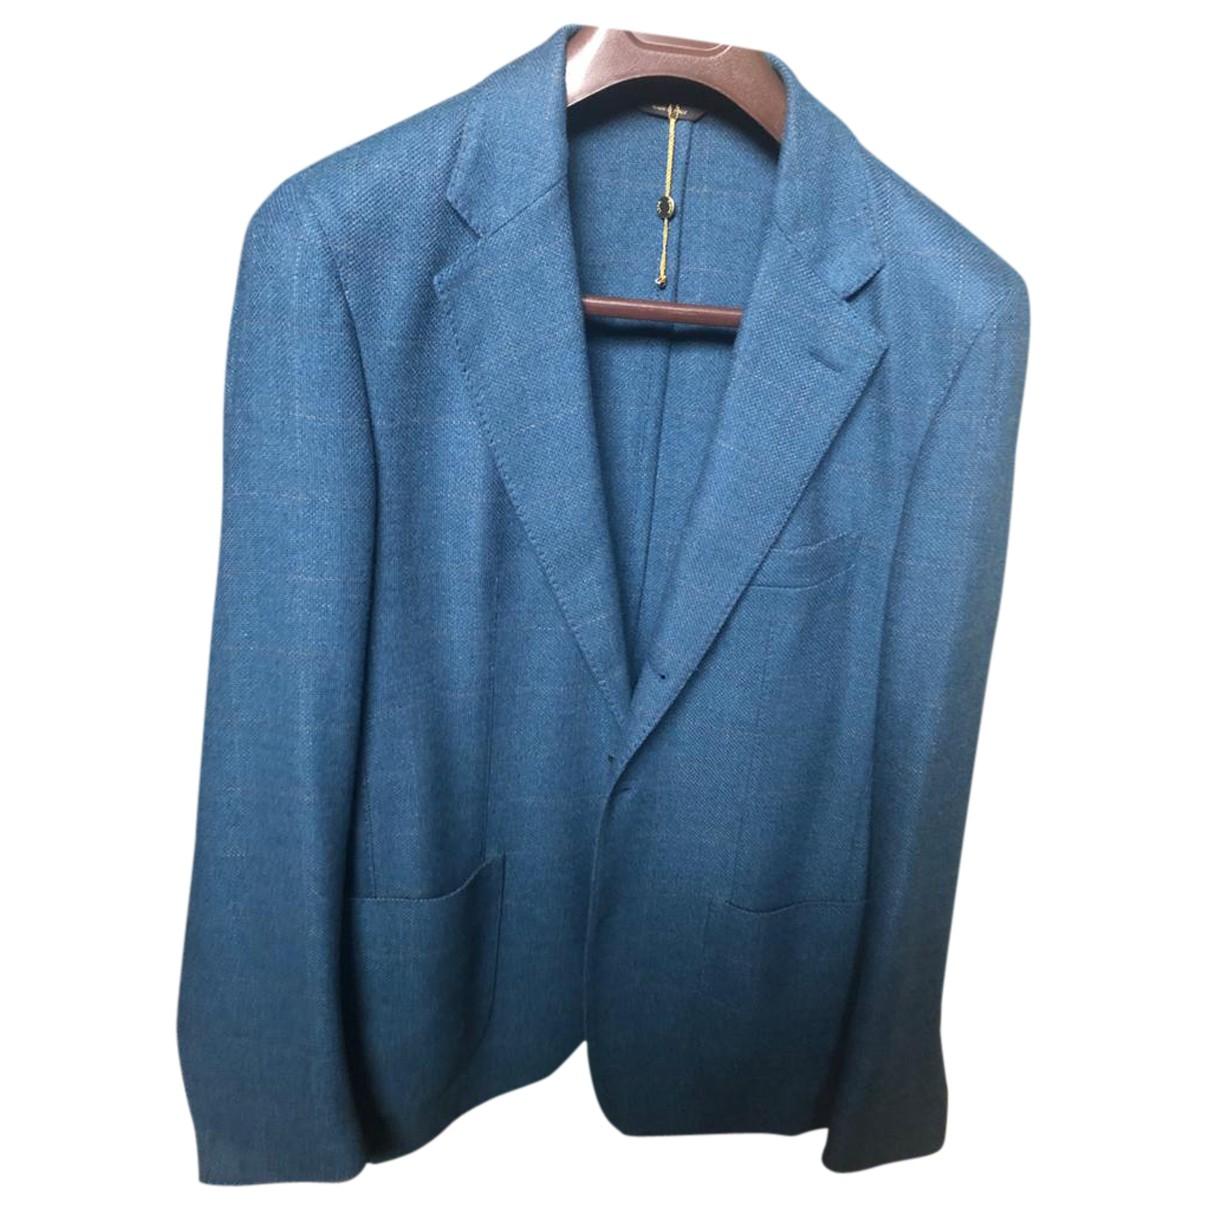 Loro Piana \N Jacke in  Blau Wolle